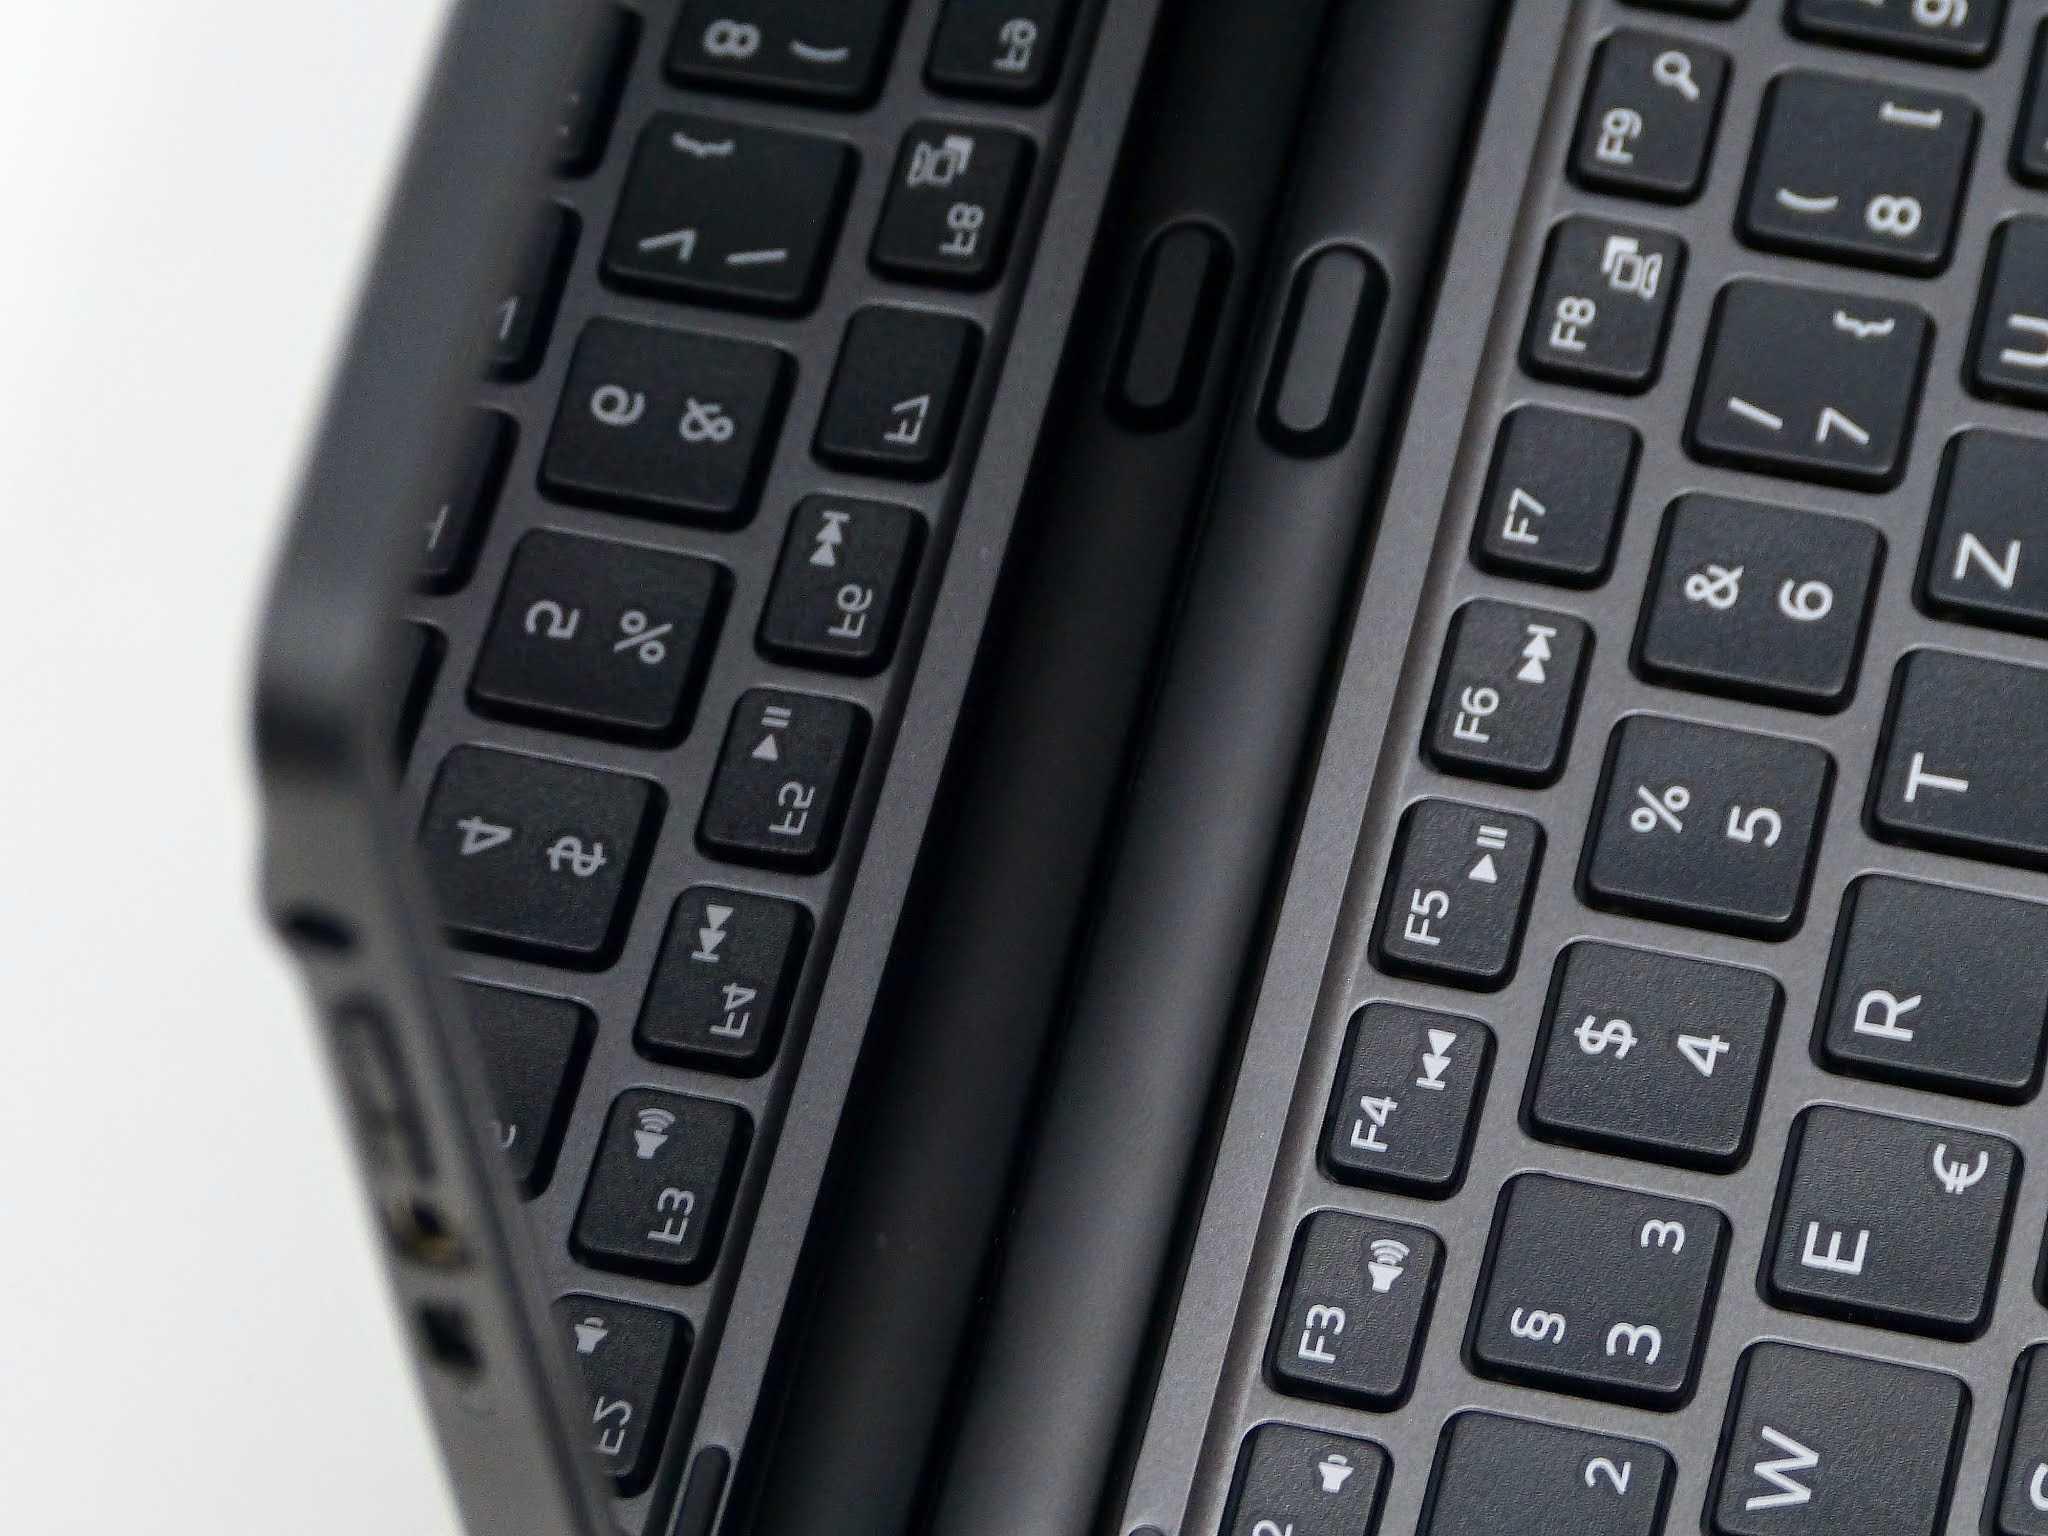 Dell Venue 10 Pro 5000 (34)